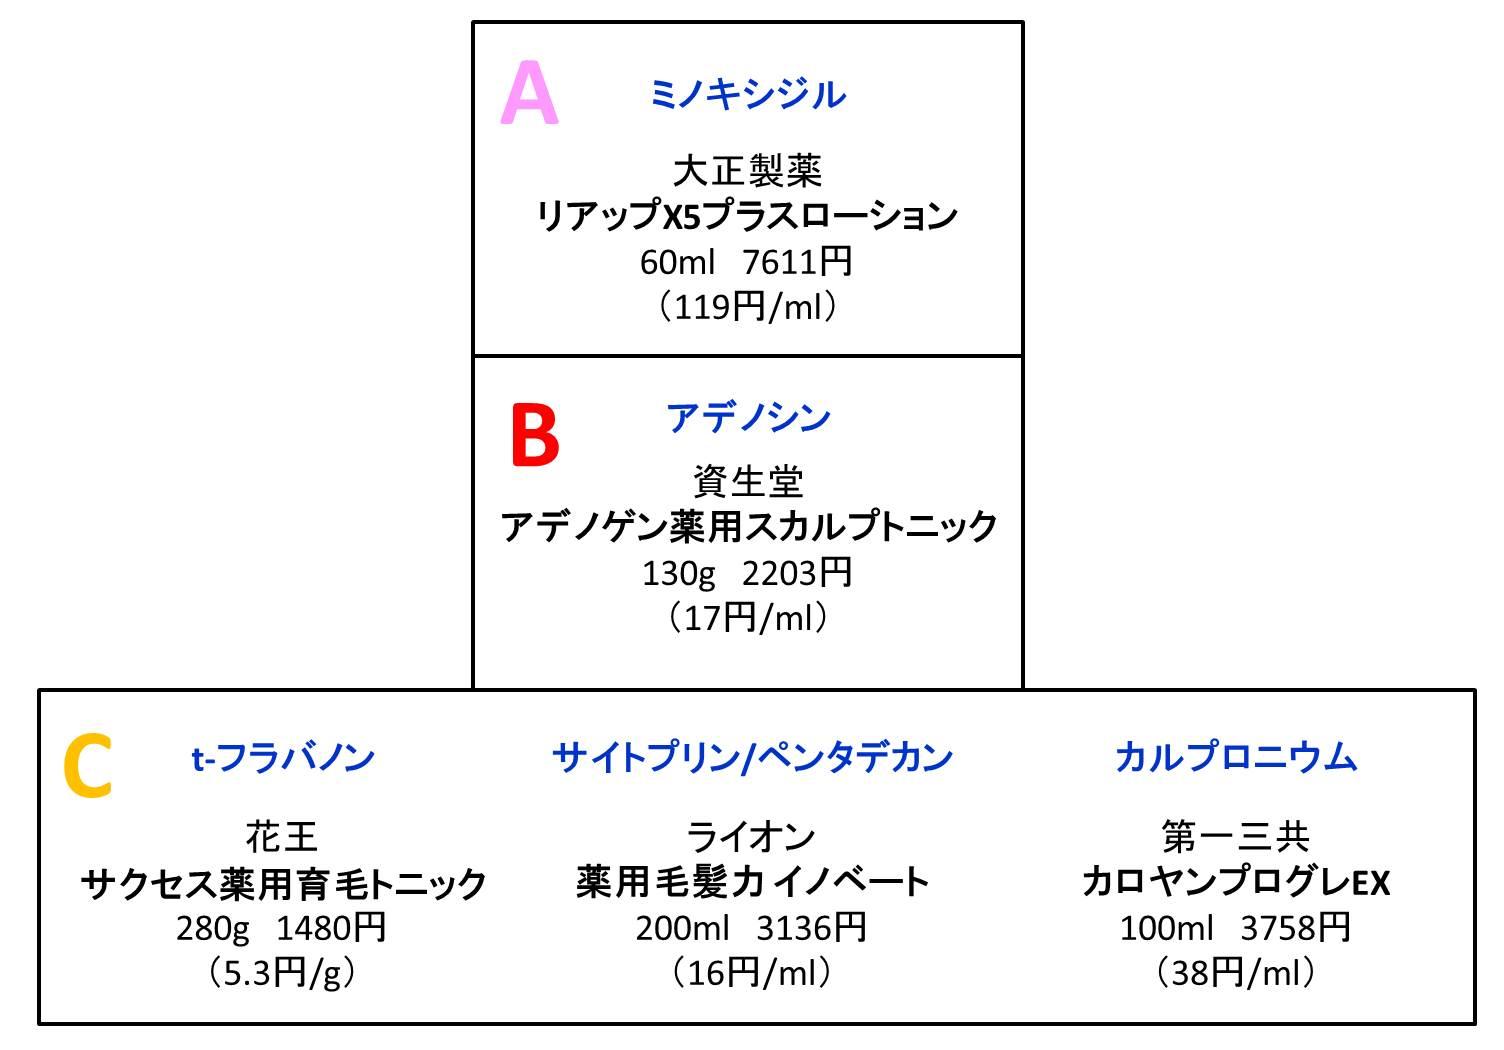 育毛剤のコスパの図